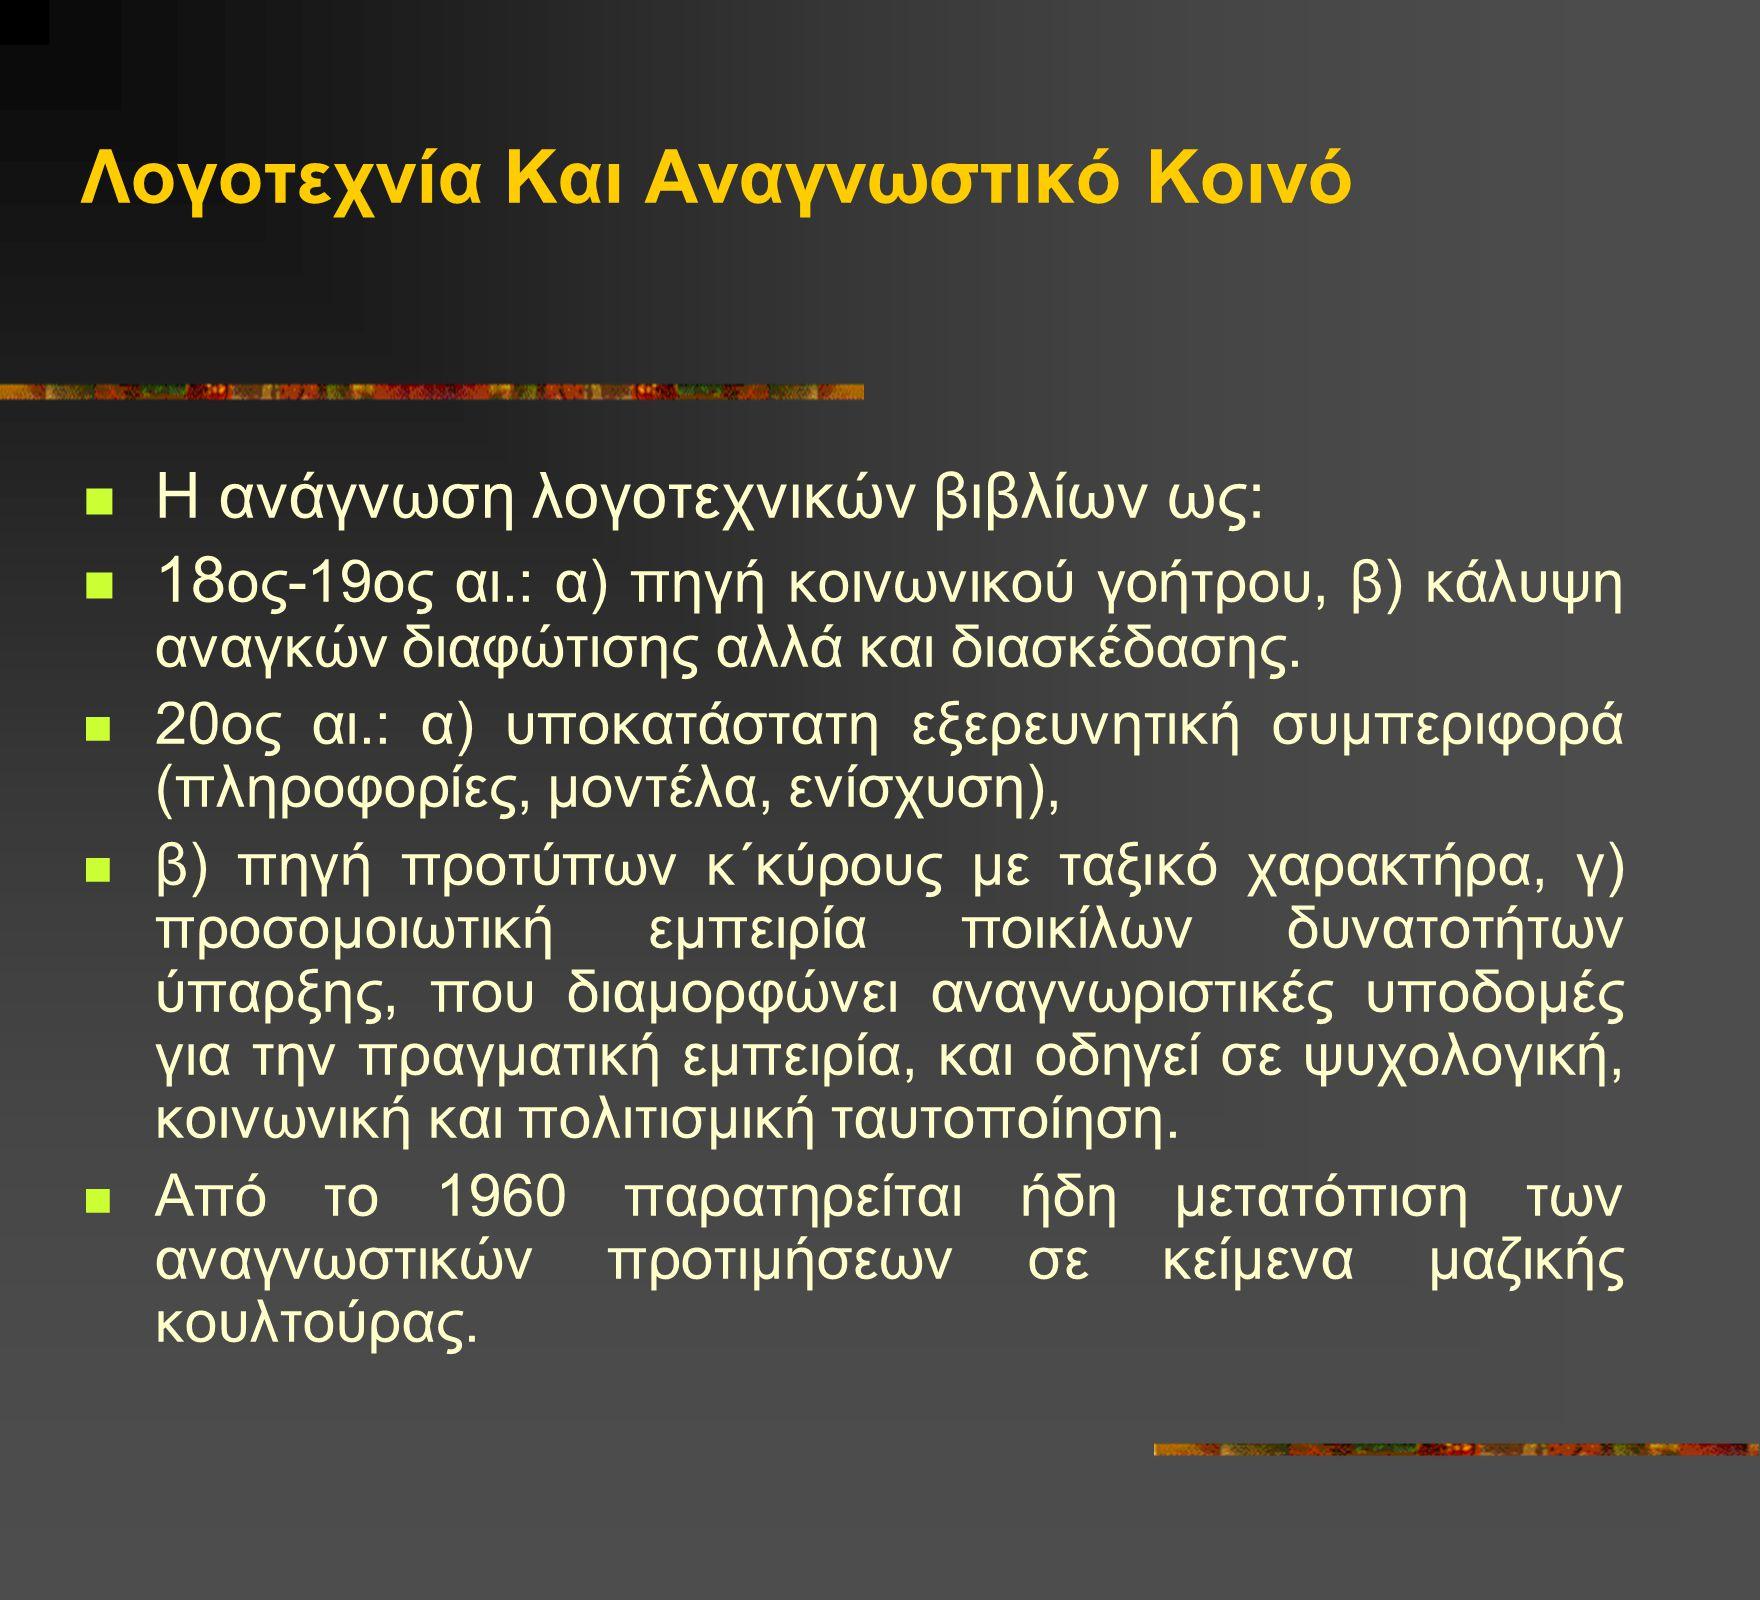 Λογοτεχνία Και Αναγνωστικό Κοινό Η ανάγνωση λογοτεχνικών βιβλίων ως: 18 ος-19ος αι.: α) πηγή κοινωνικού γοήτρου, β) κάλυψη αναγκών διαφώτισης αλλά και